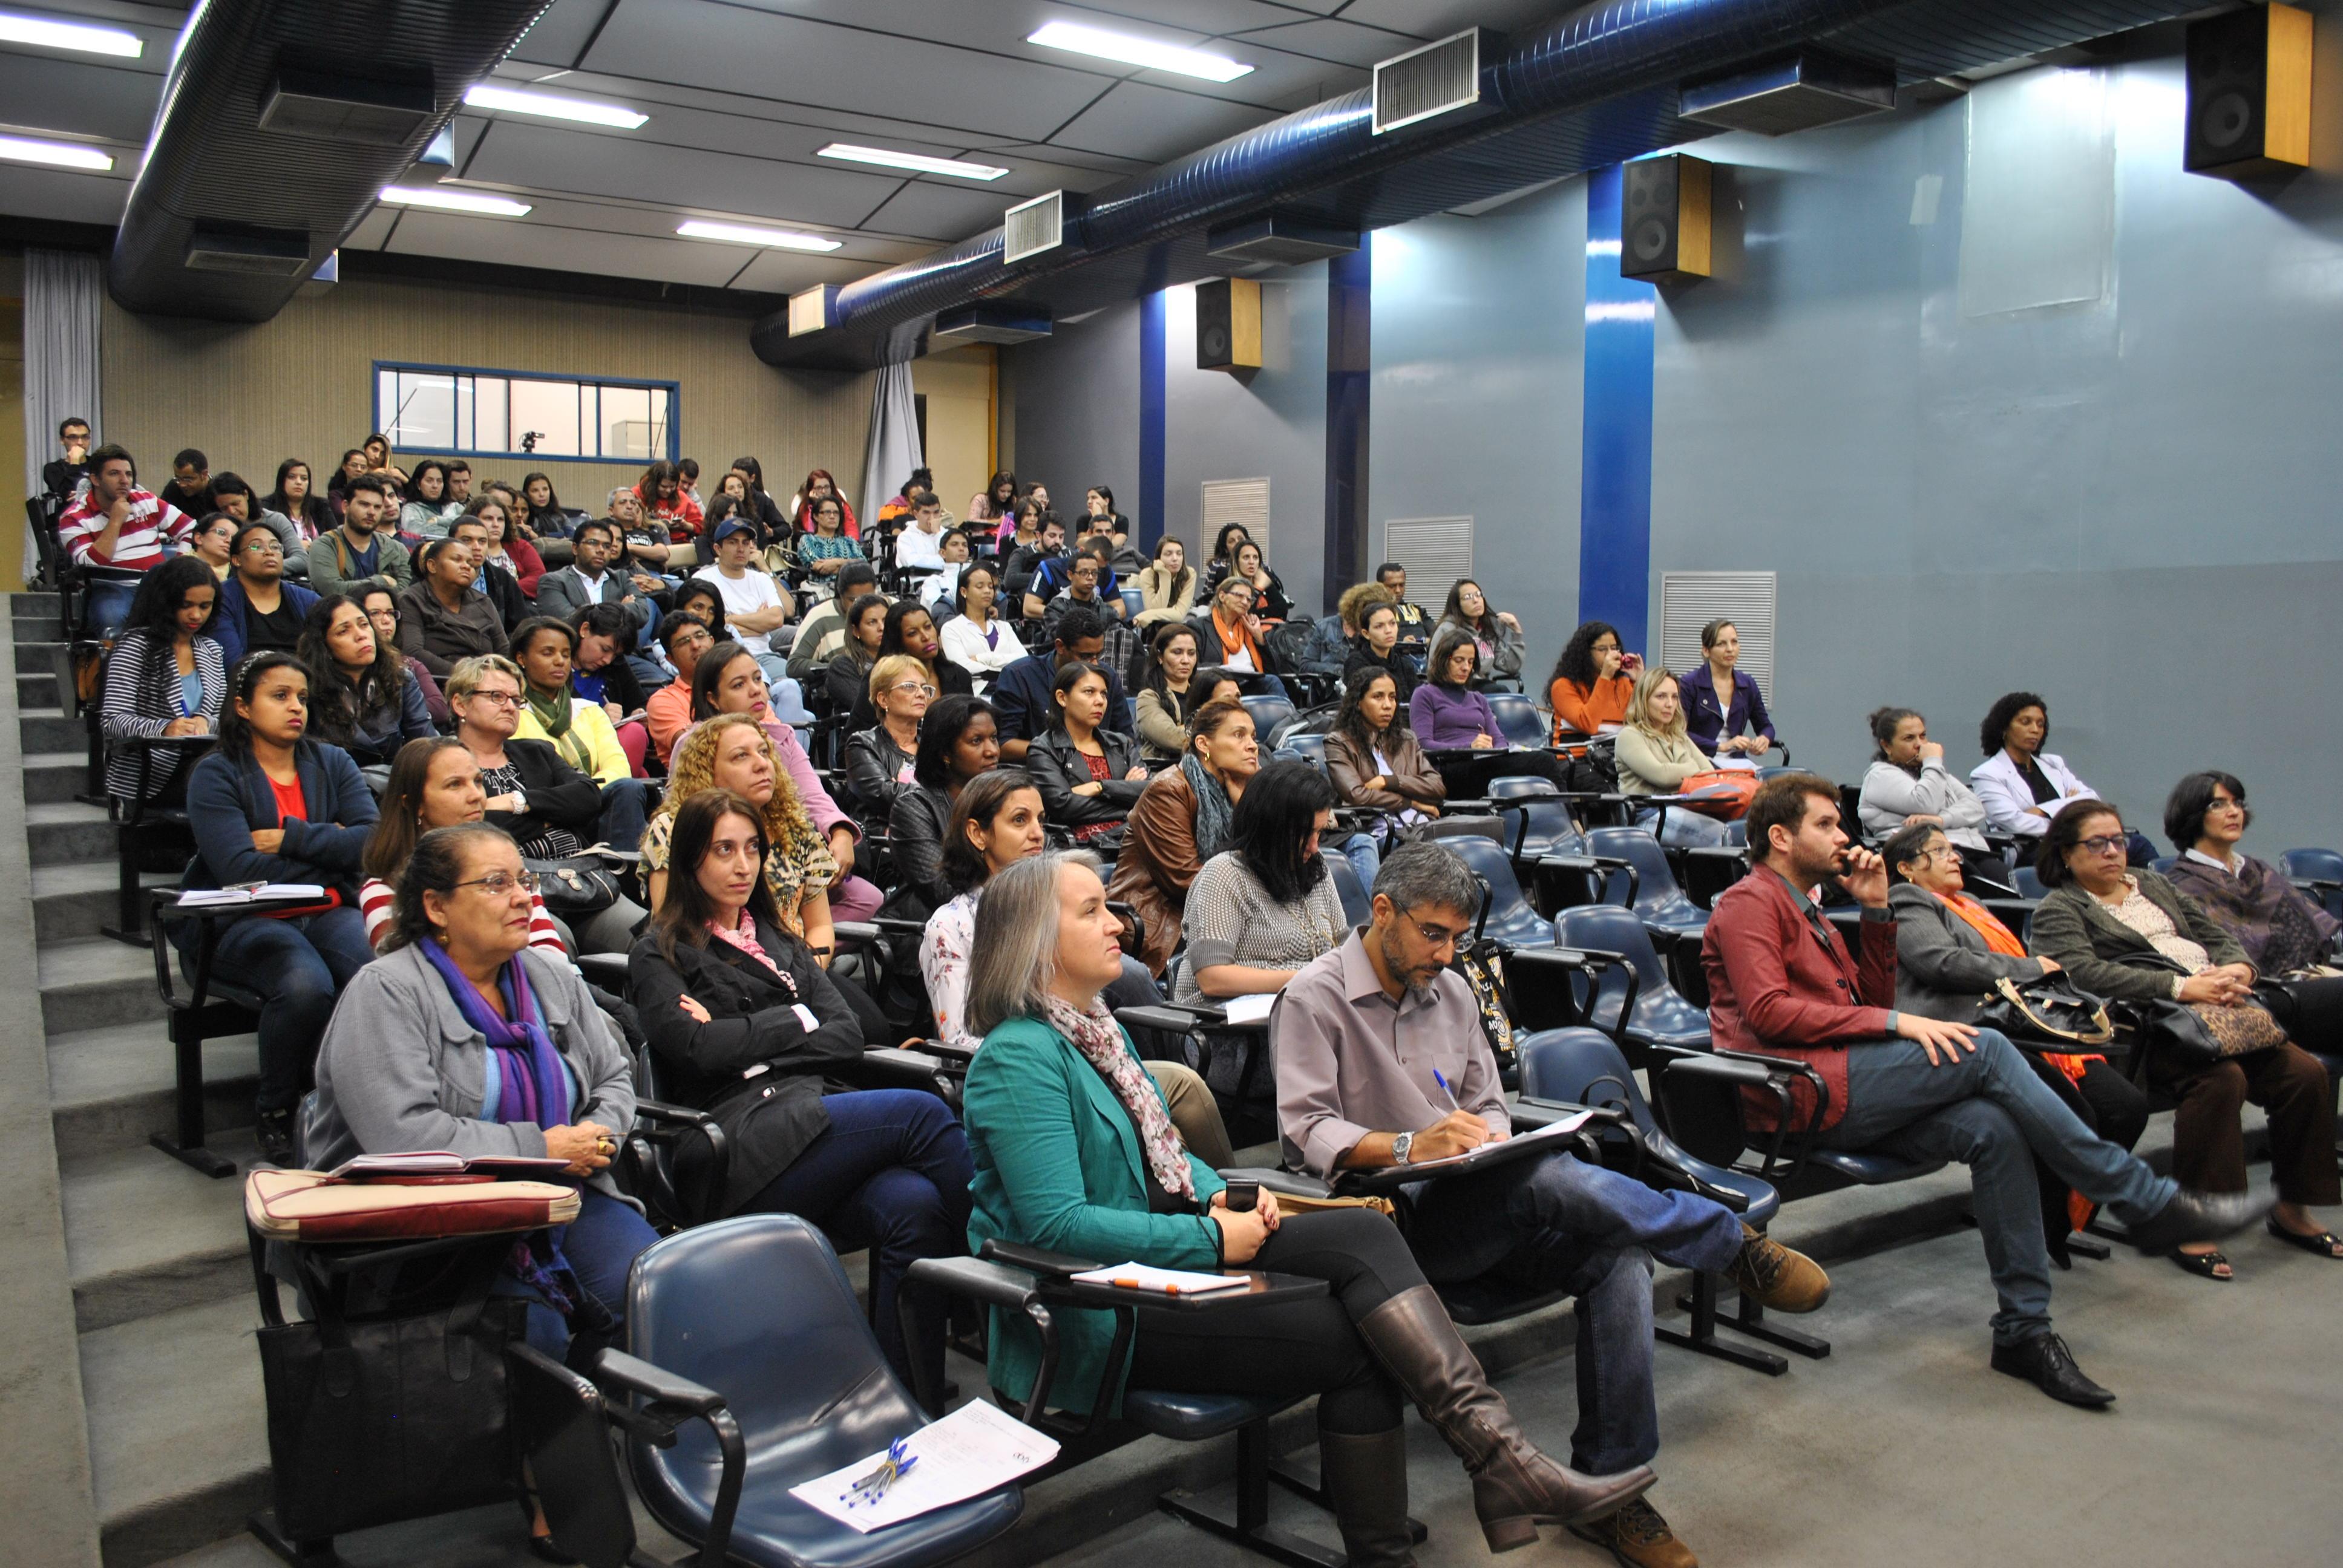 Cerca de 70 pessoas compareceram à palestra no Auditório Azul da ECI/UFMG (Victor Alves)